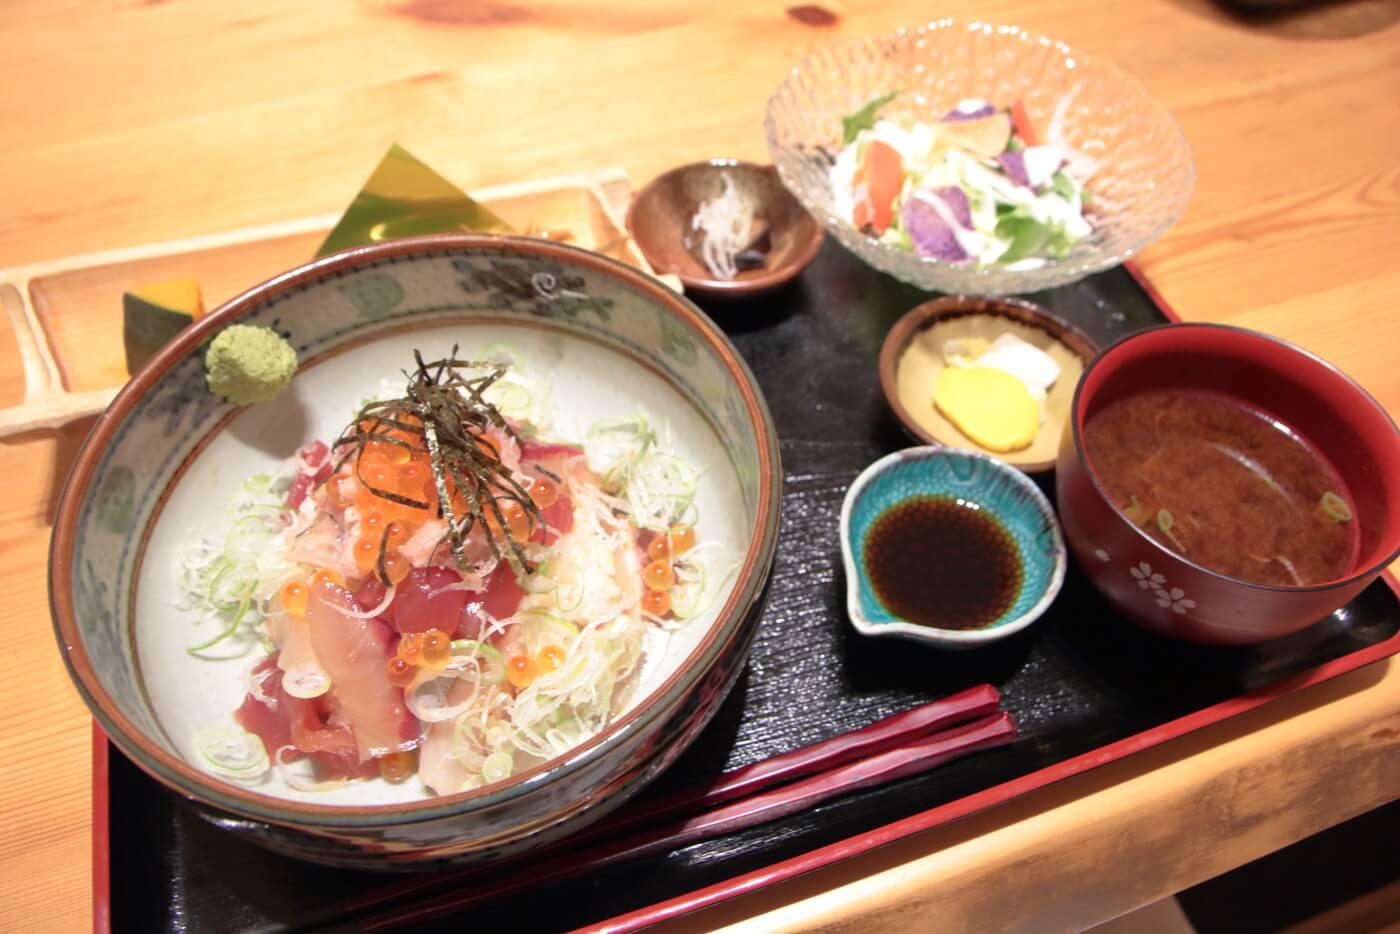 高知市の居酒屋 kataomoi(かたおもい)のランチ 海鮮丼